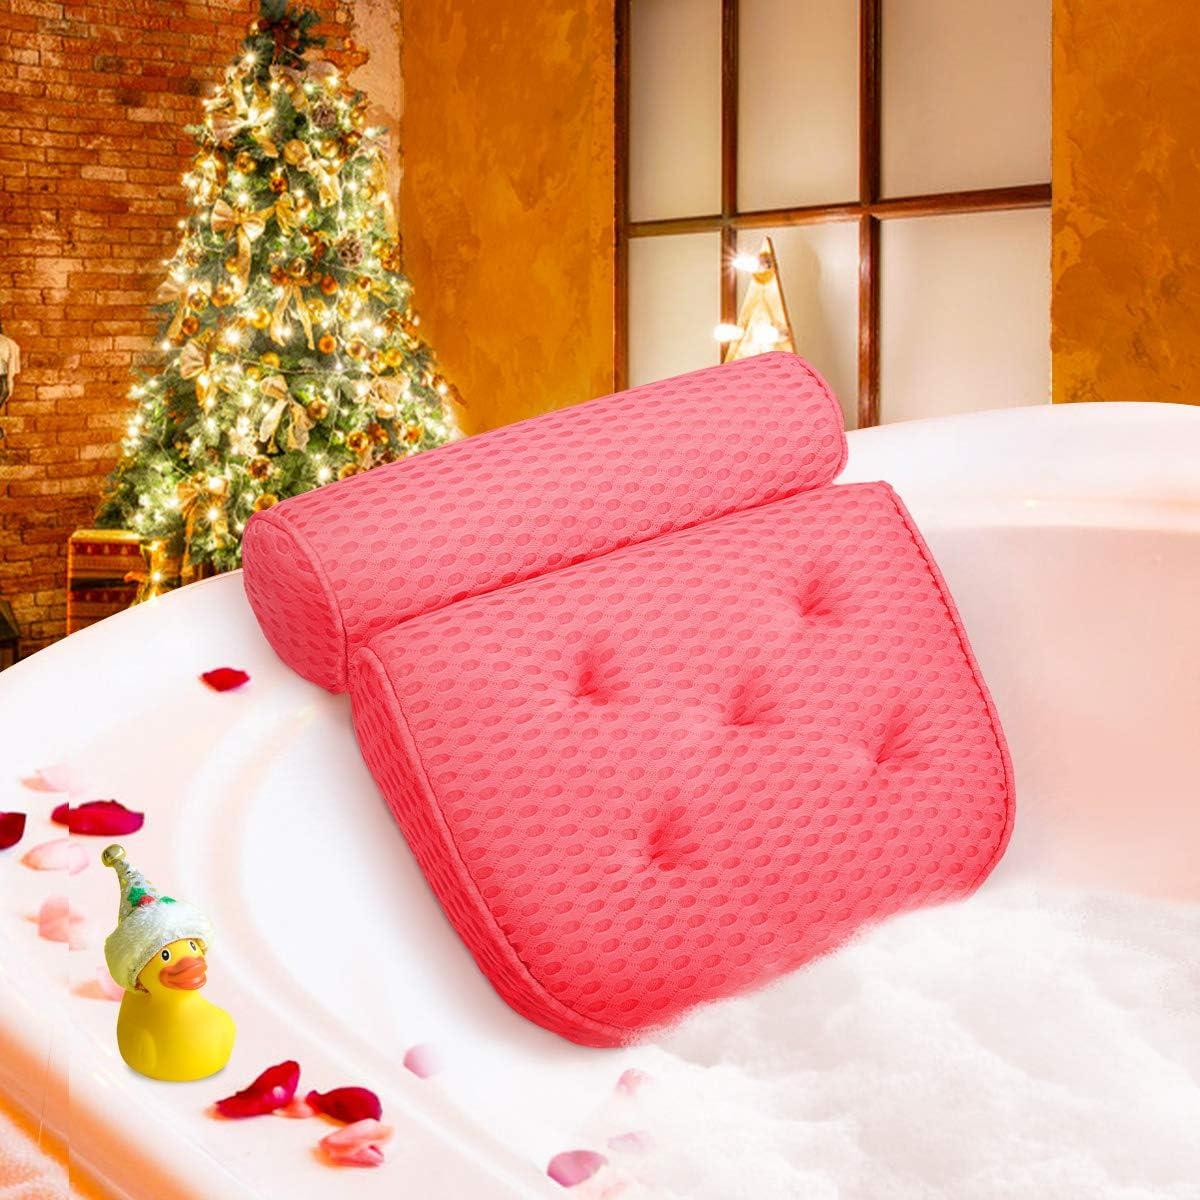 FGHB Badewannenkissen,Komfort badewanne kopfkissen mit Saugn/äpfen,badewanne nackenpolste f/ür Home Spa Whirlpools Badekissen Kopfst/ütze